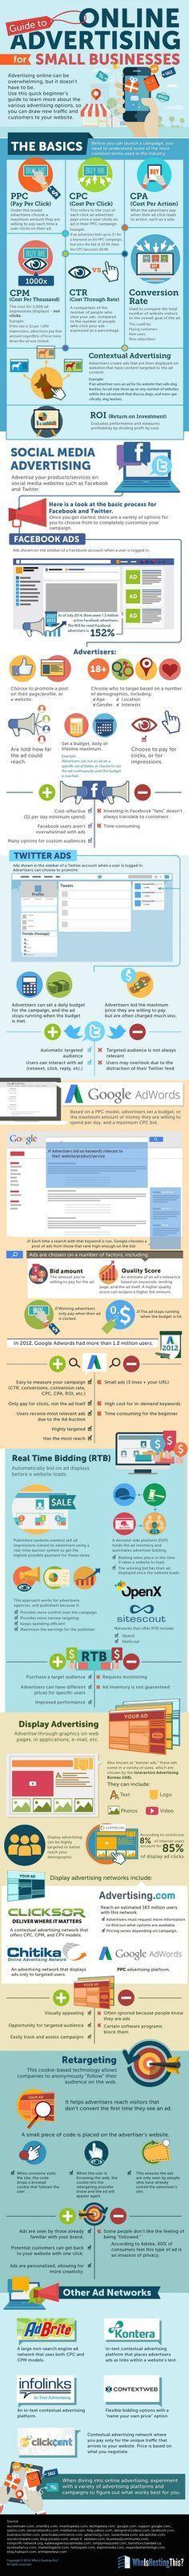 Ideas for online marketing. arcreactions.com/...